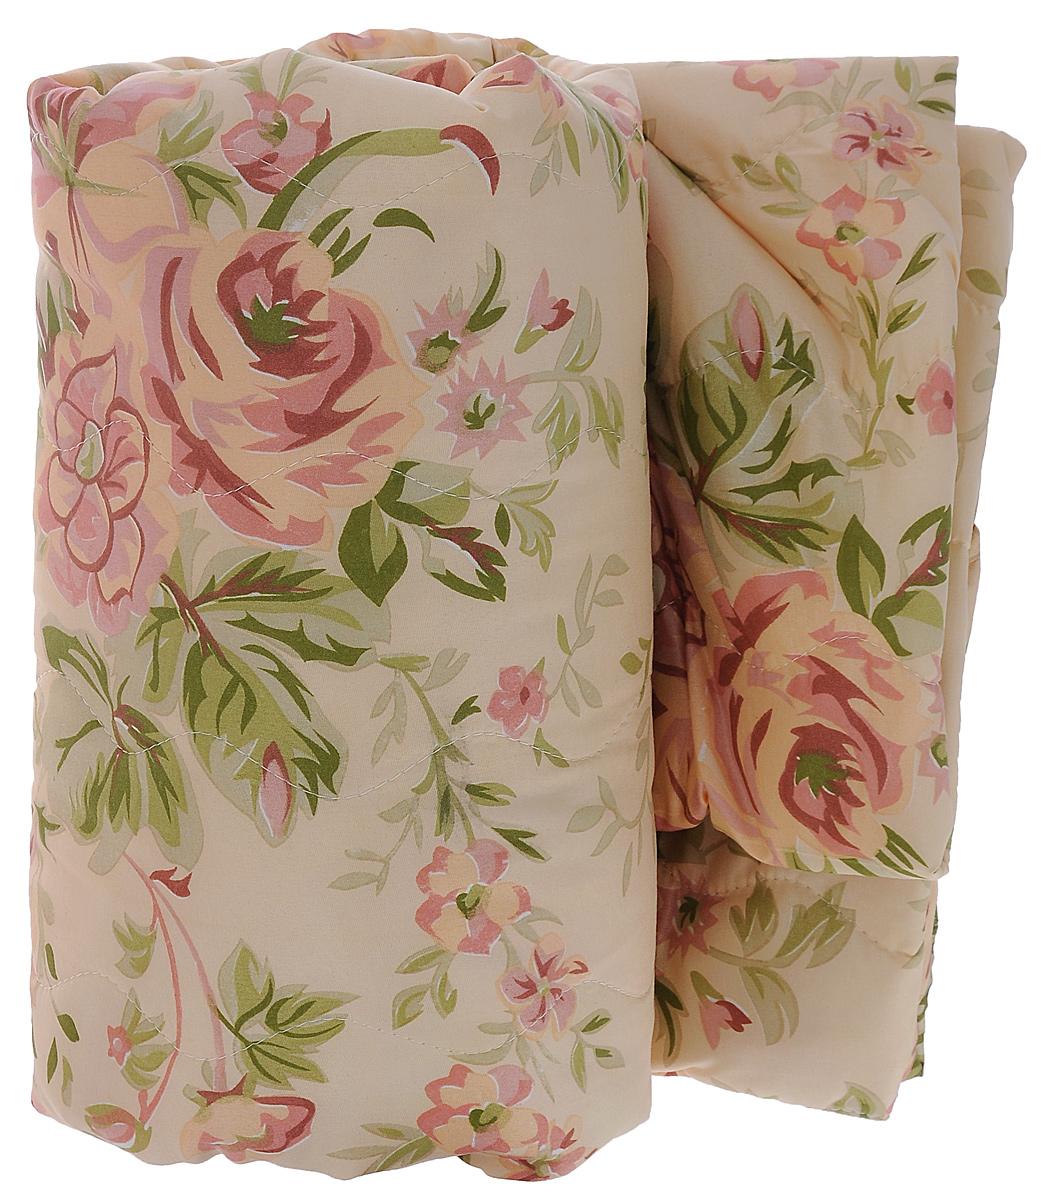 Покрывало стеганое Ноты счастья, цвет: бежевый, розовый, 210 х 240 смU210DFИзящное стеганое покрывало Ноты счастья изготовлено из полиэстера розового цвета с красочным цветочным рисунком. Внутри - наполнитель из синтепона. Такое покрывало гармонично впишется в интерьер вашего дома и создаст атмосферу уюта и комфорта. Мягкое и теплое, покрывало может быть использовано в качестве одеяла: наполнитель из синтепона прекрасно сохраняет тепло.